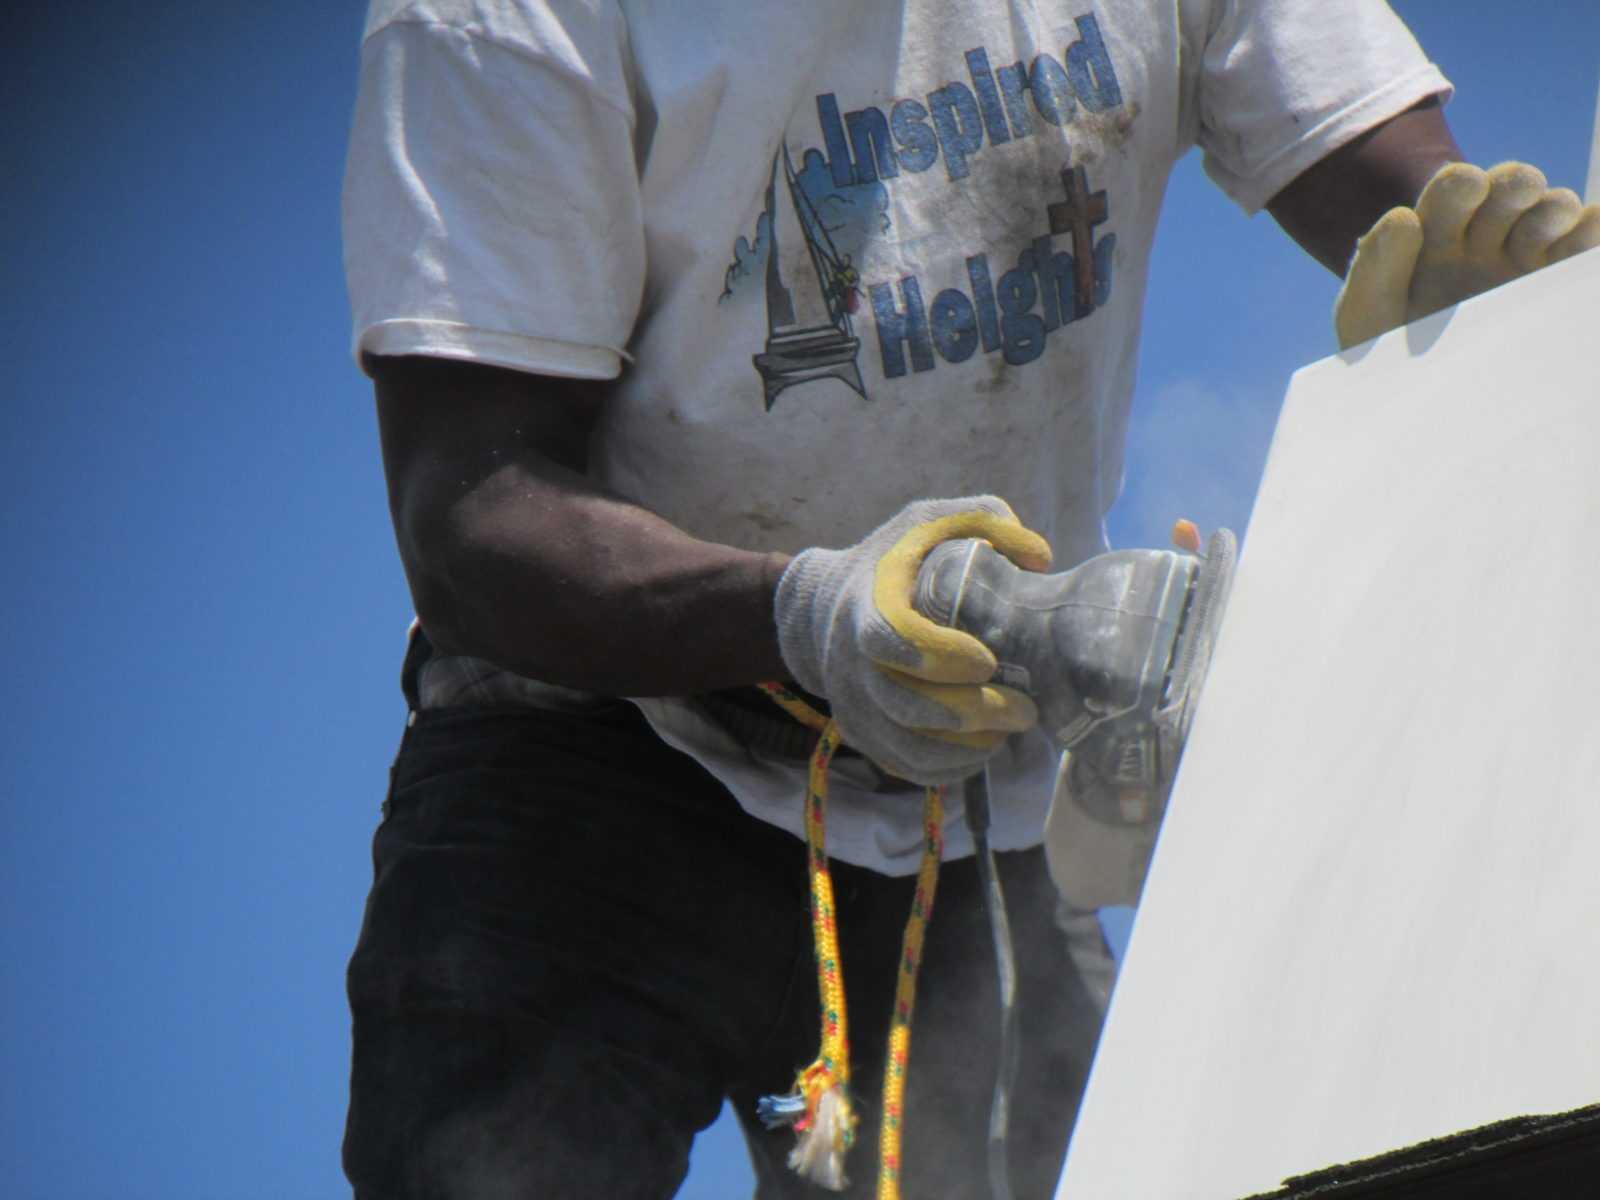 Fiberglass steeple repair